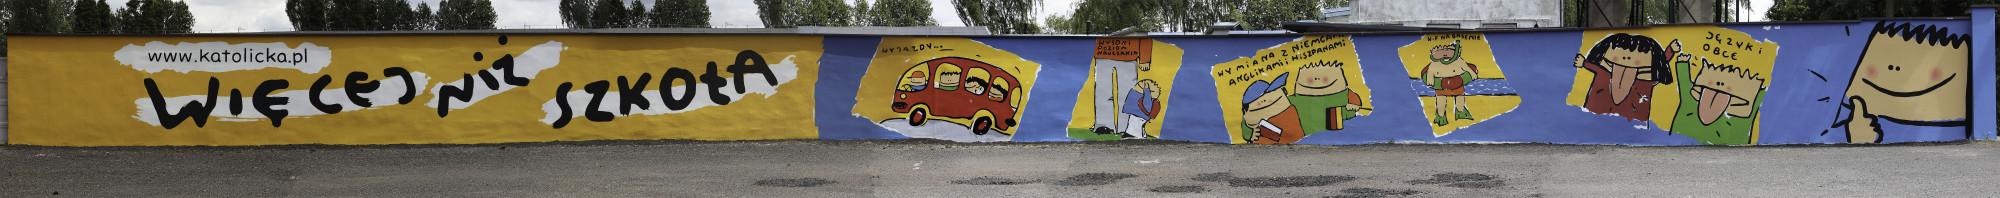 Mural - Artystyczne malarstwo ścienne